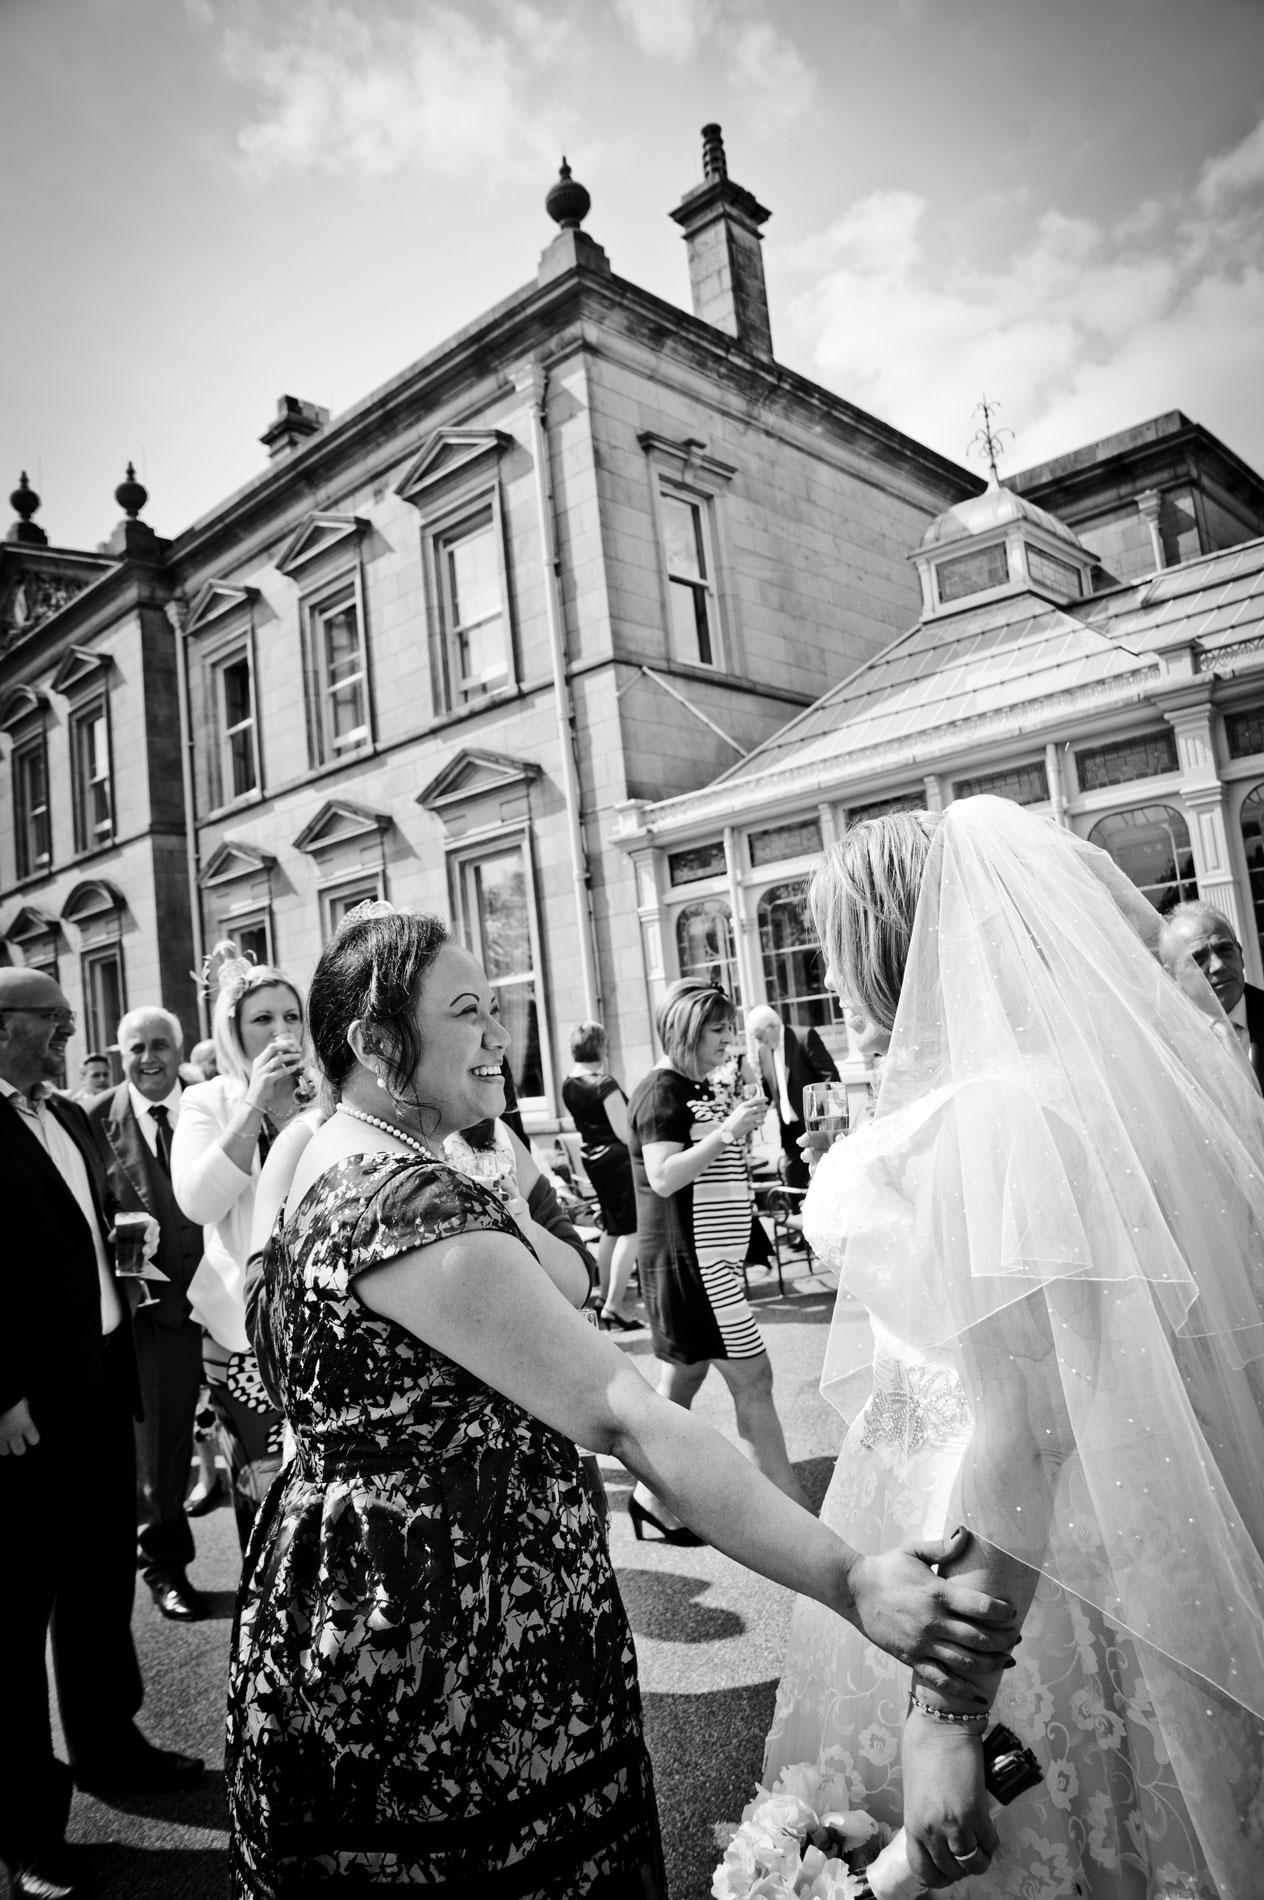 Kilworth-weddings-_61.jpg